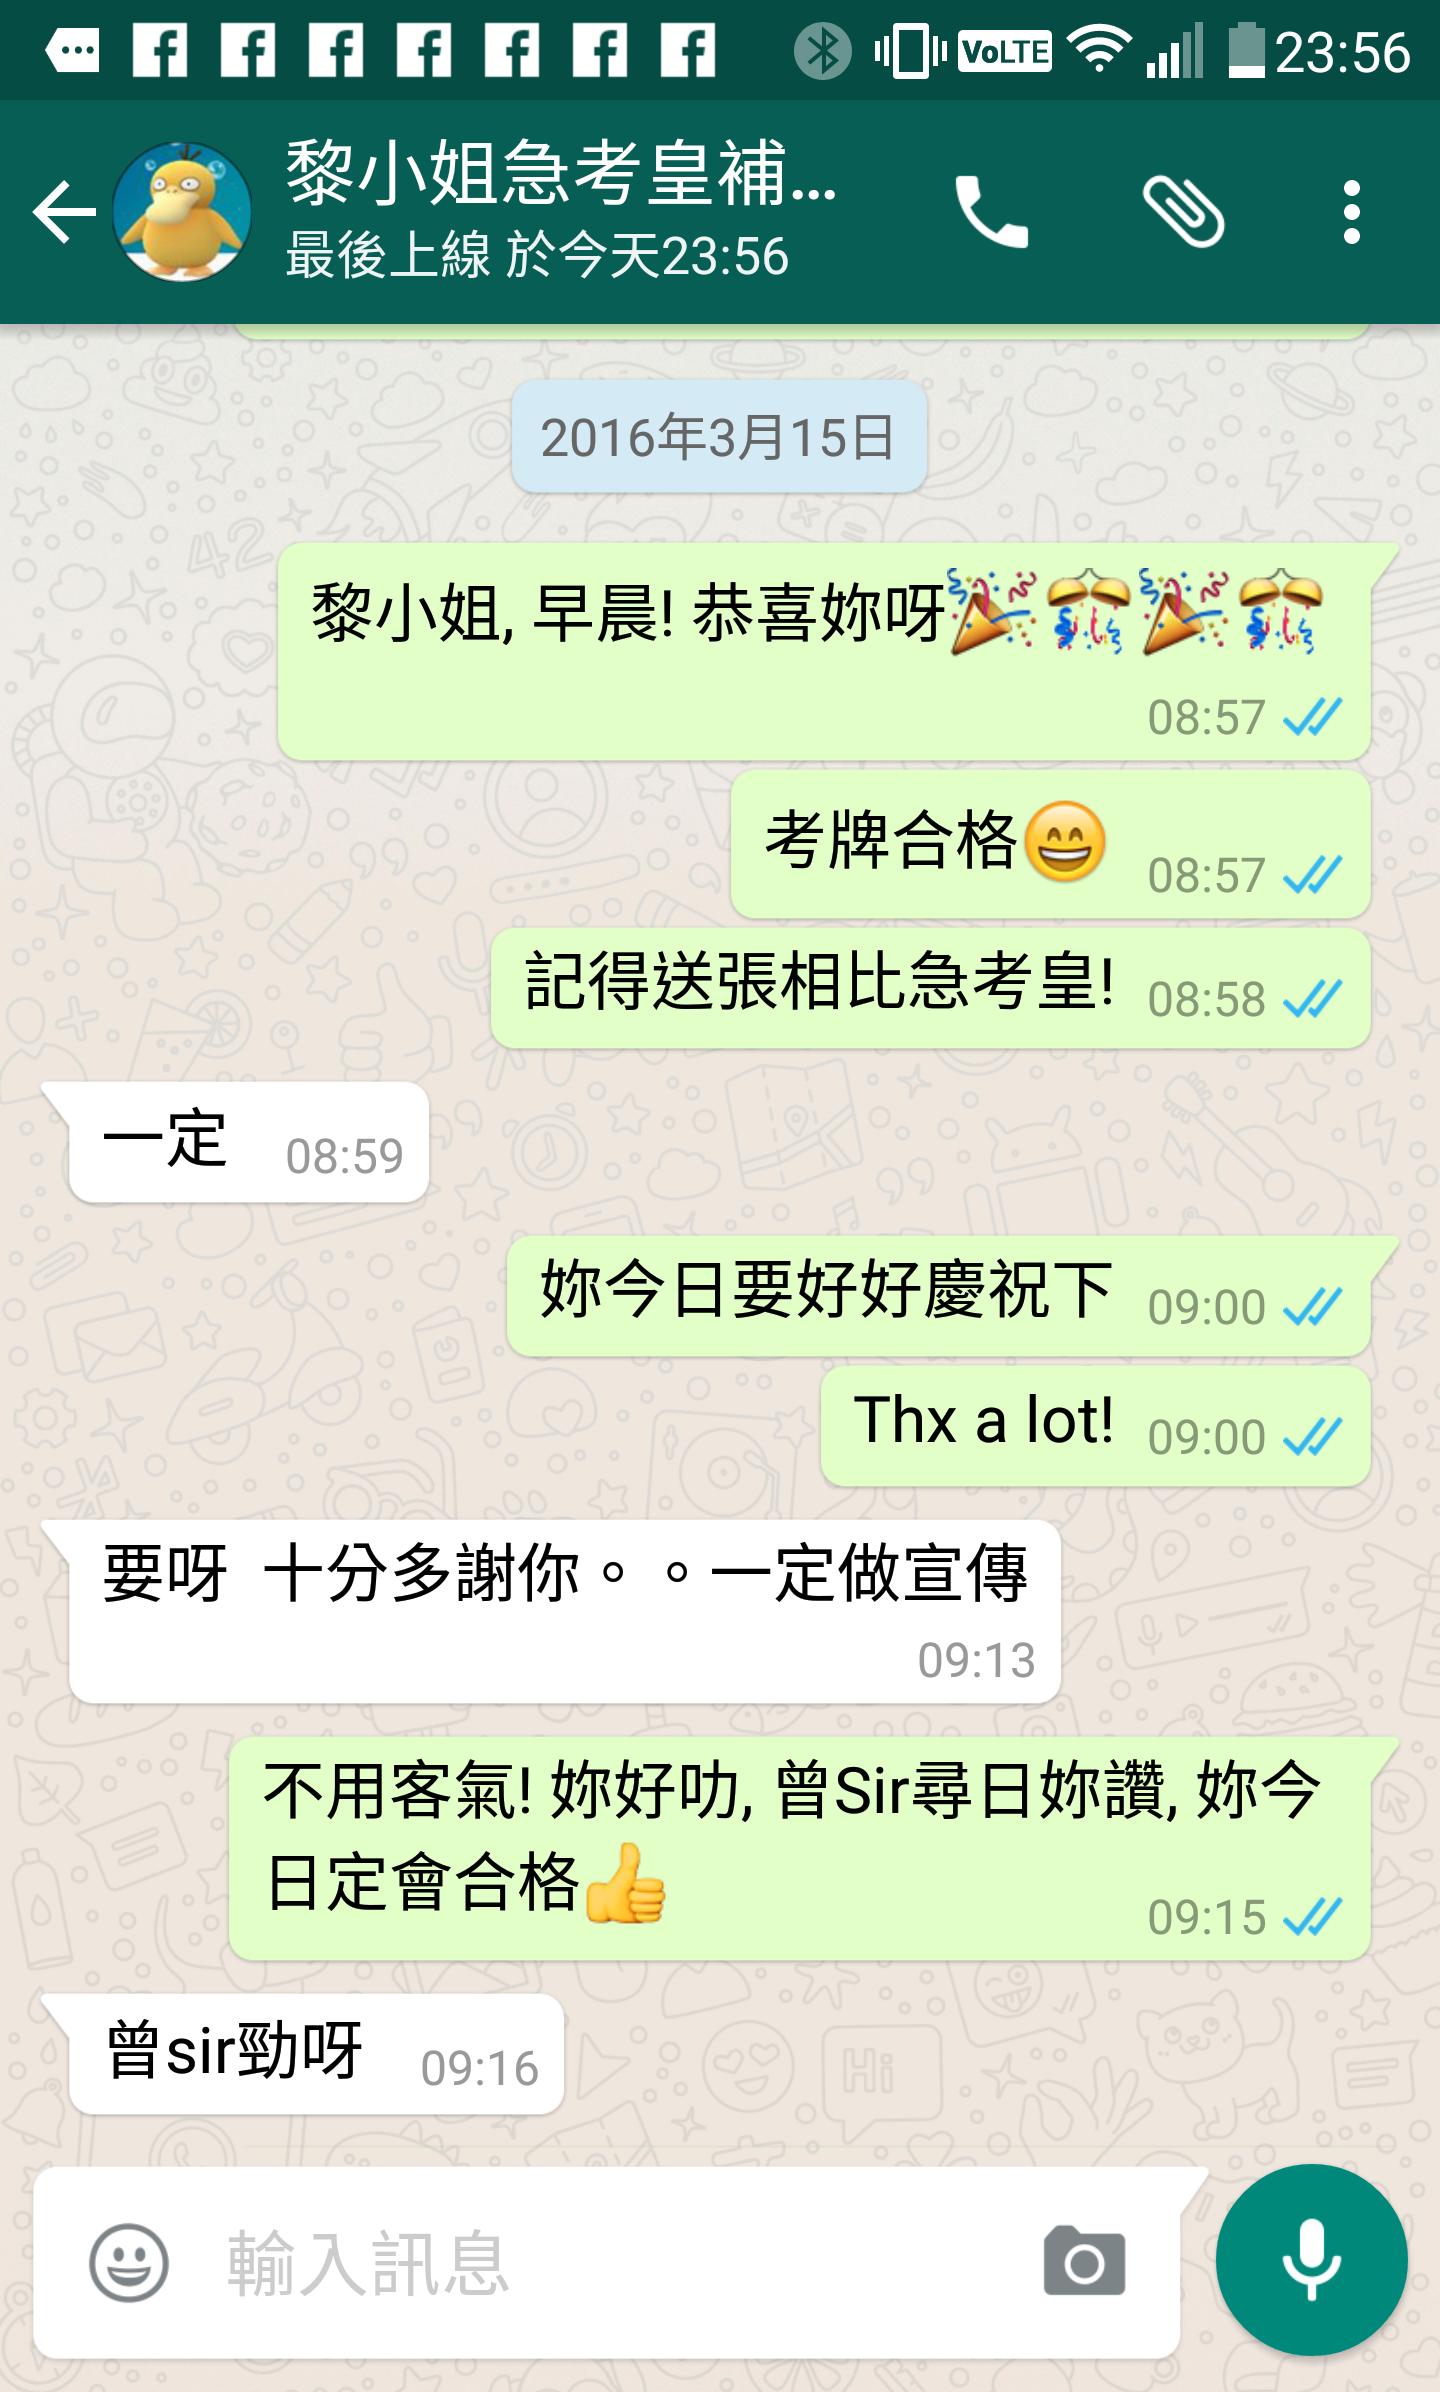 黎小姐學牌補鍾培正道丙部合格 (cont'd)